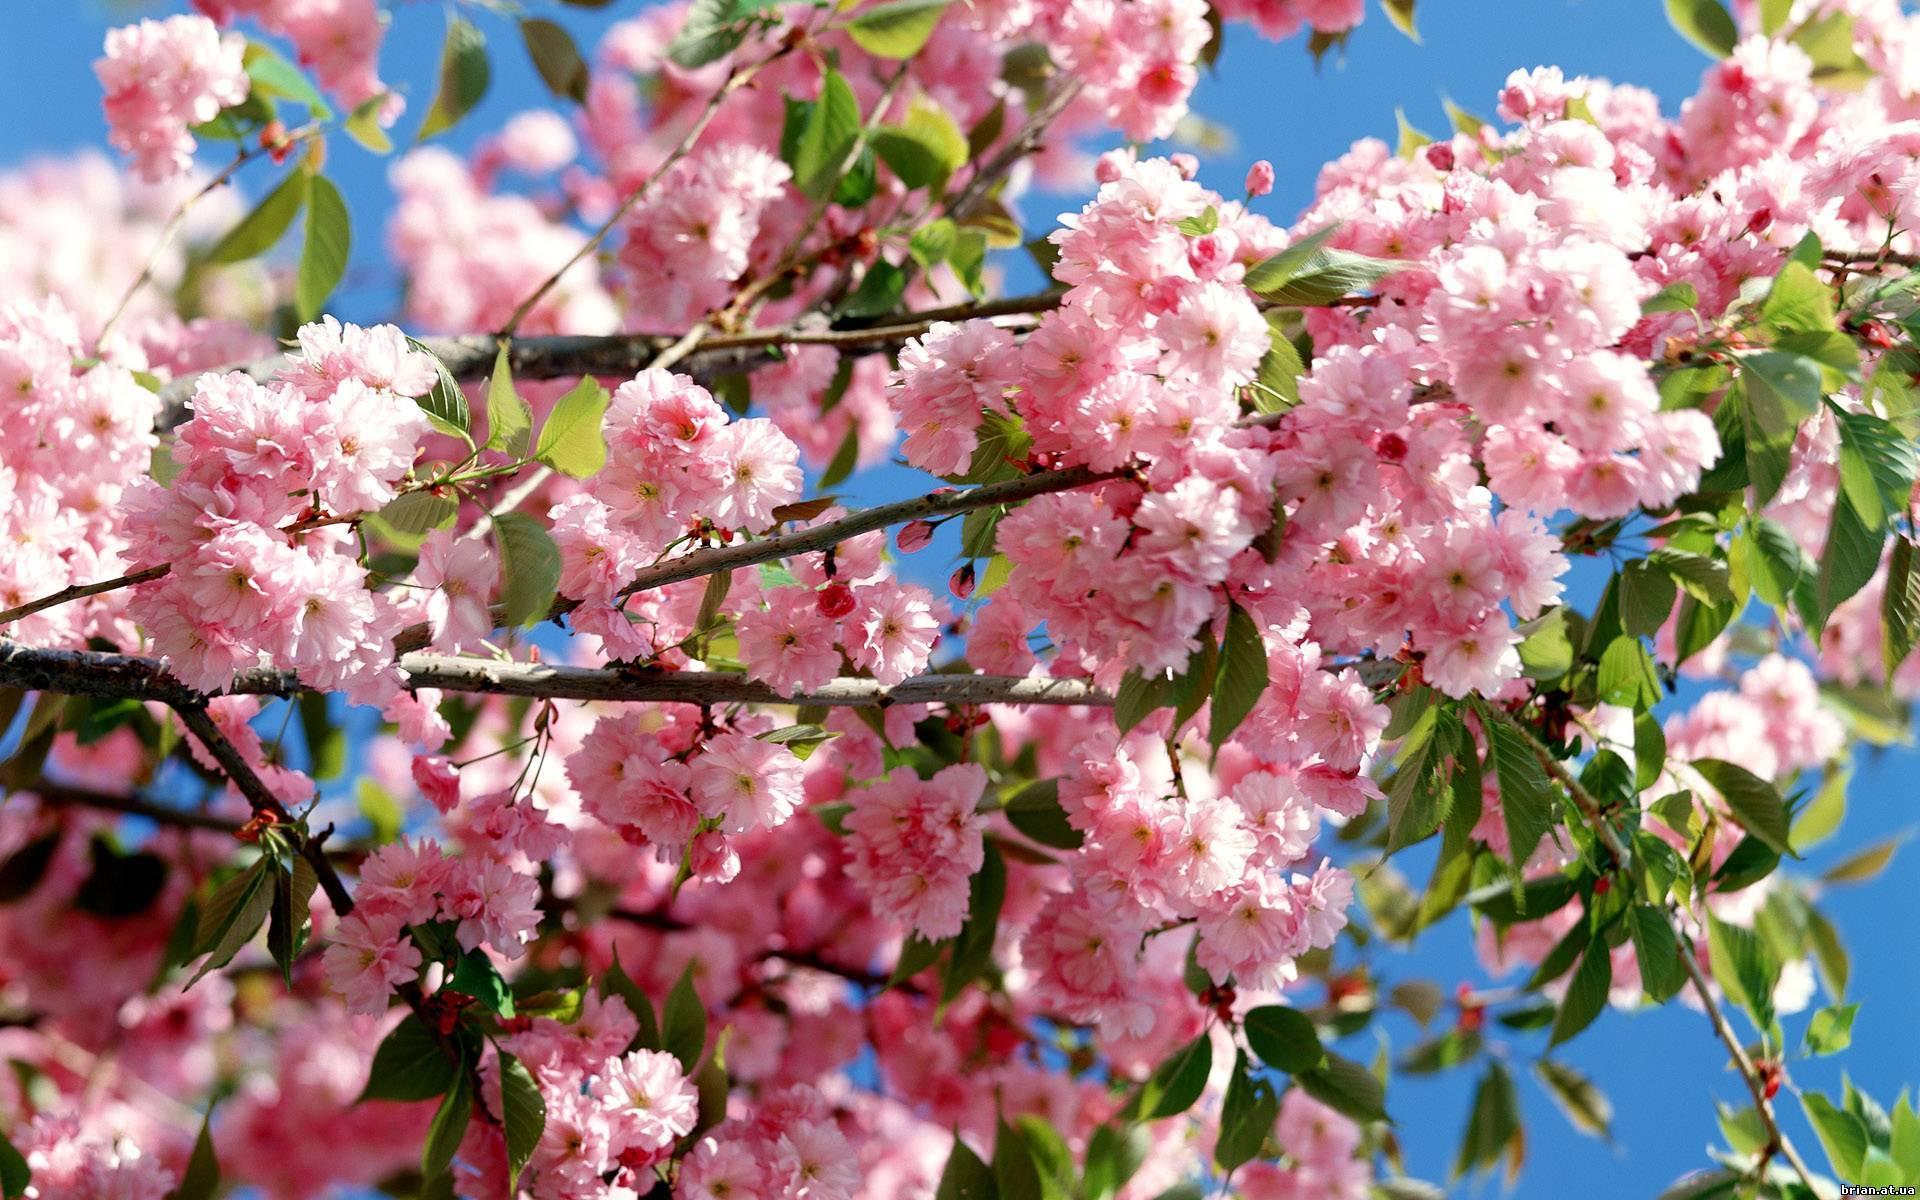 17770 скачать обои Растения, Цветы, Деревья - заставки и картинки бесплатно